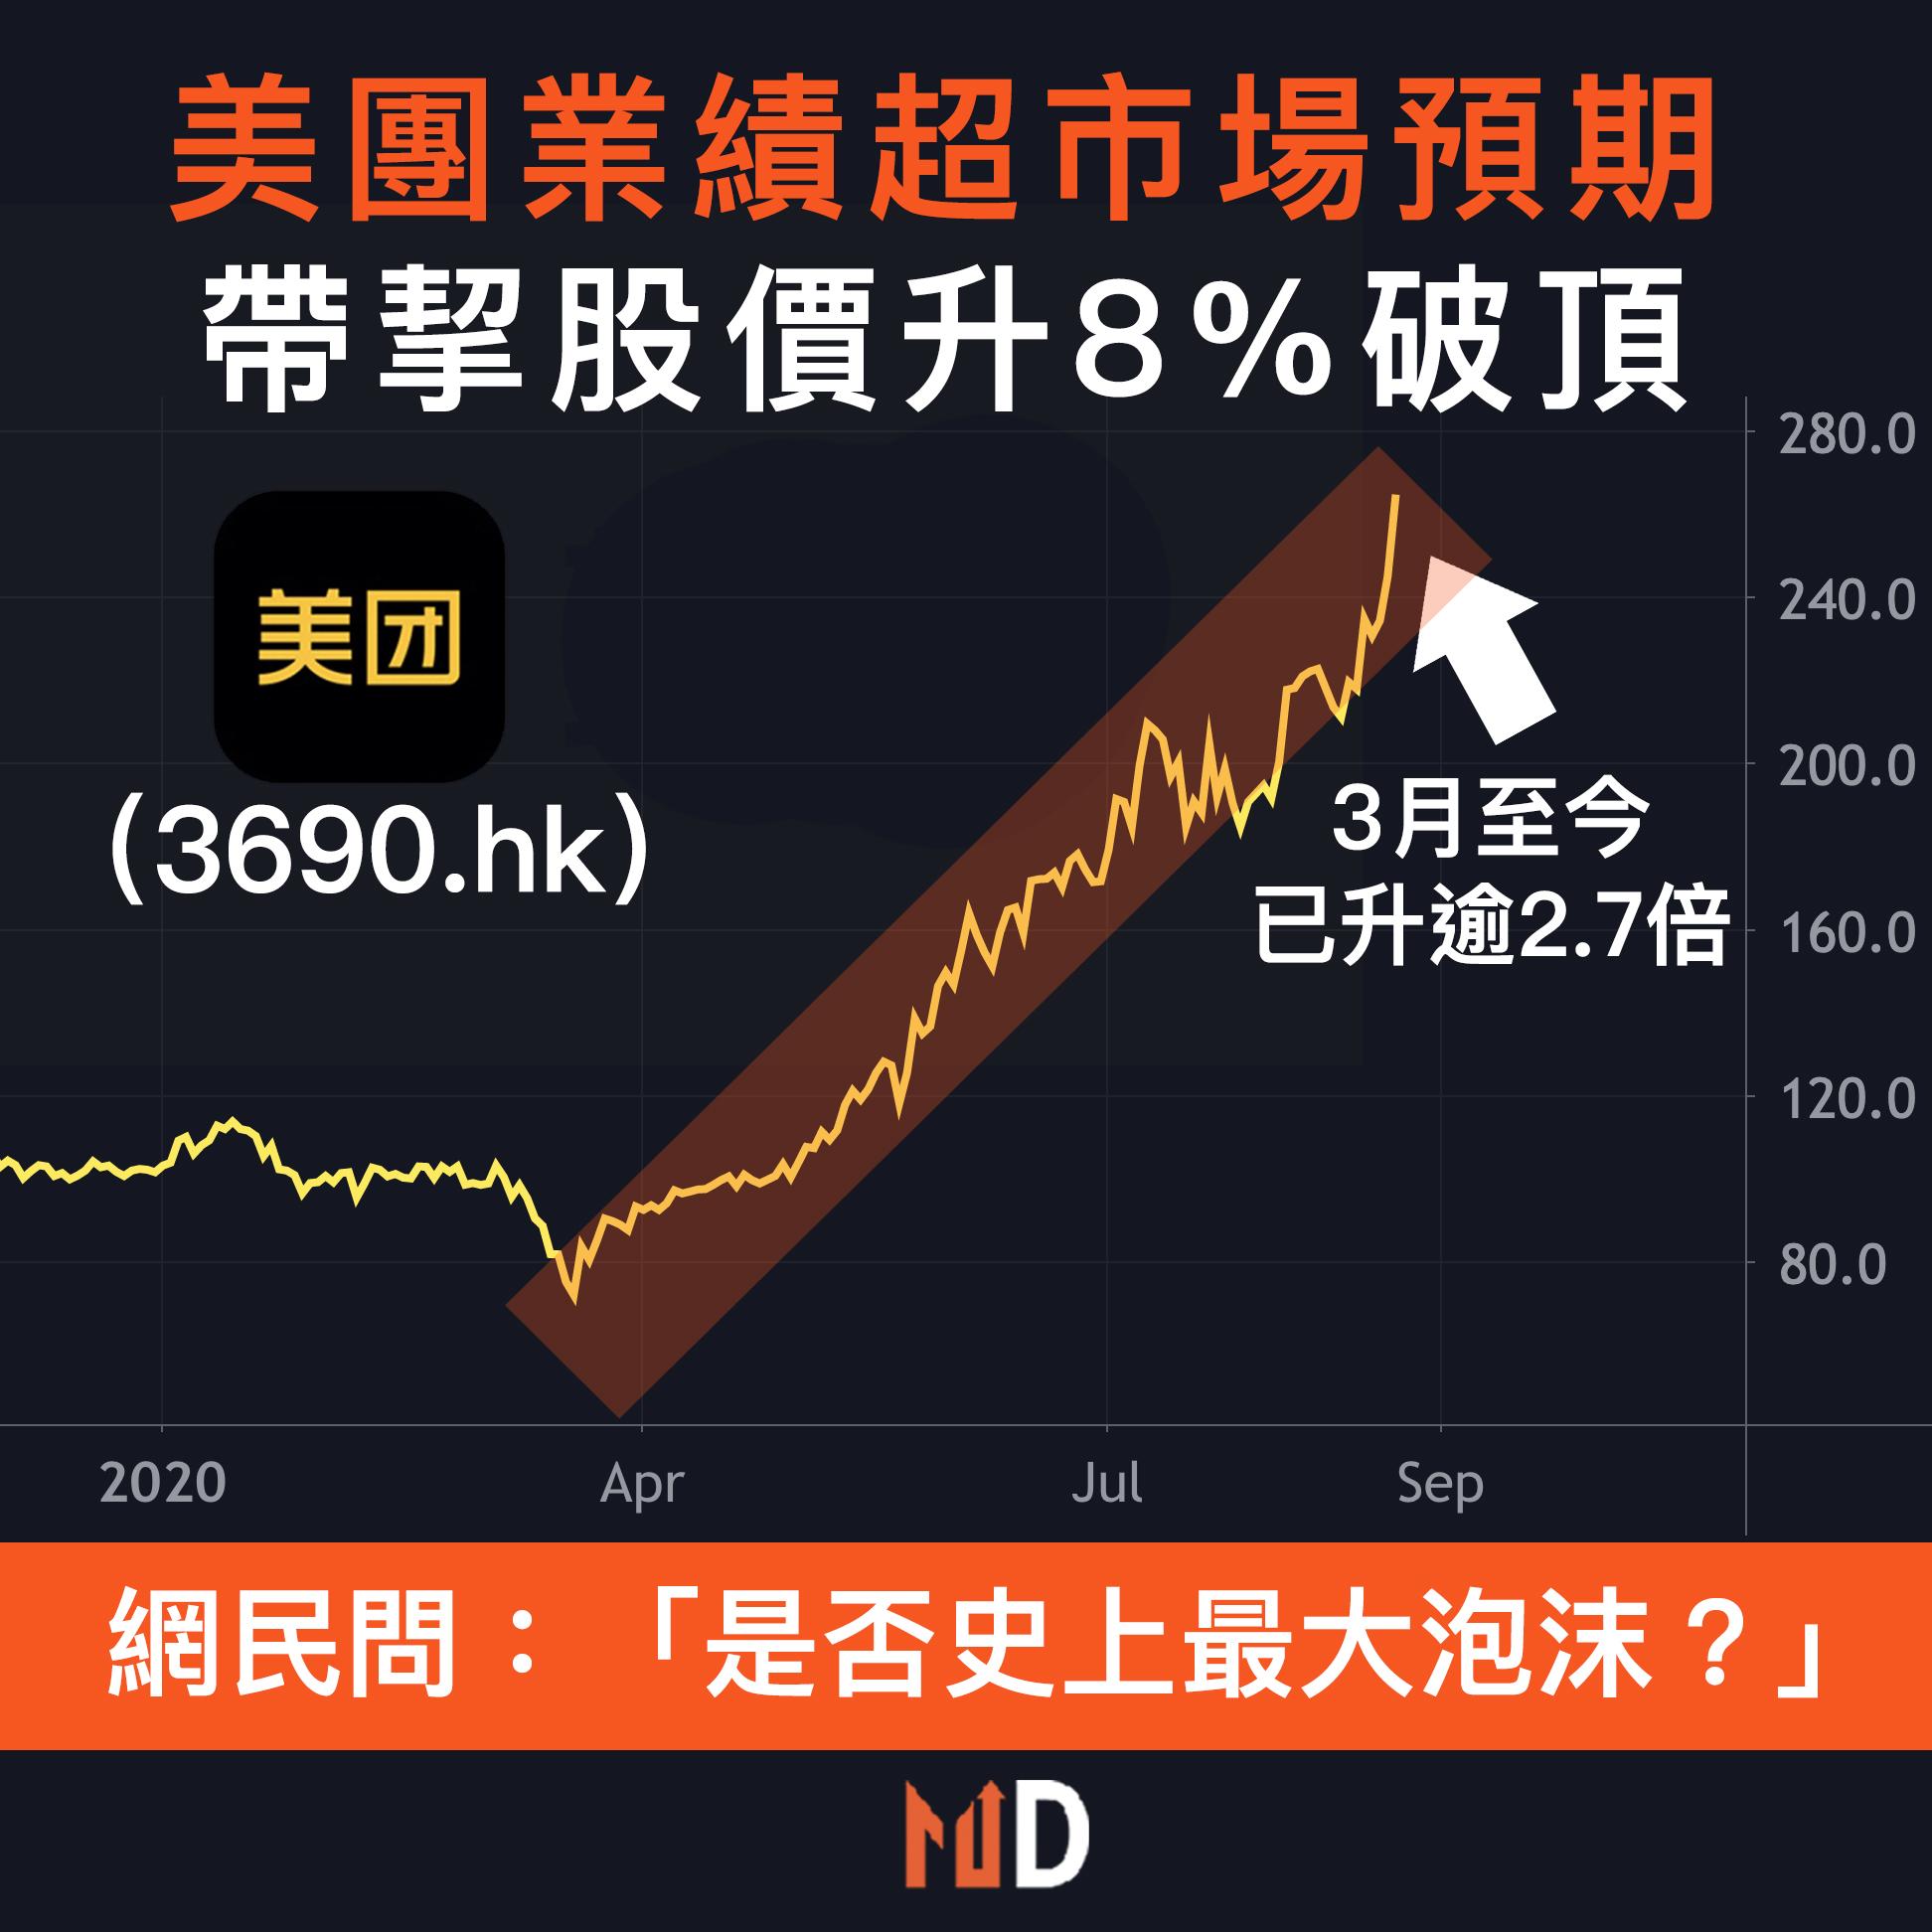 【市場熱話】美團業績超市場預期,帶挈股價升8%破頂